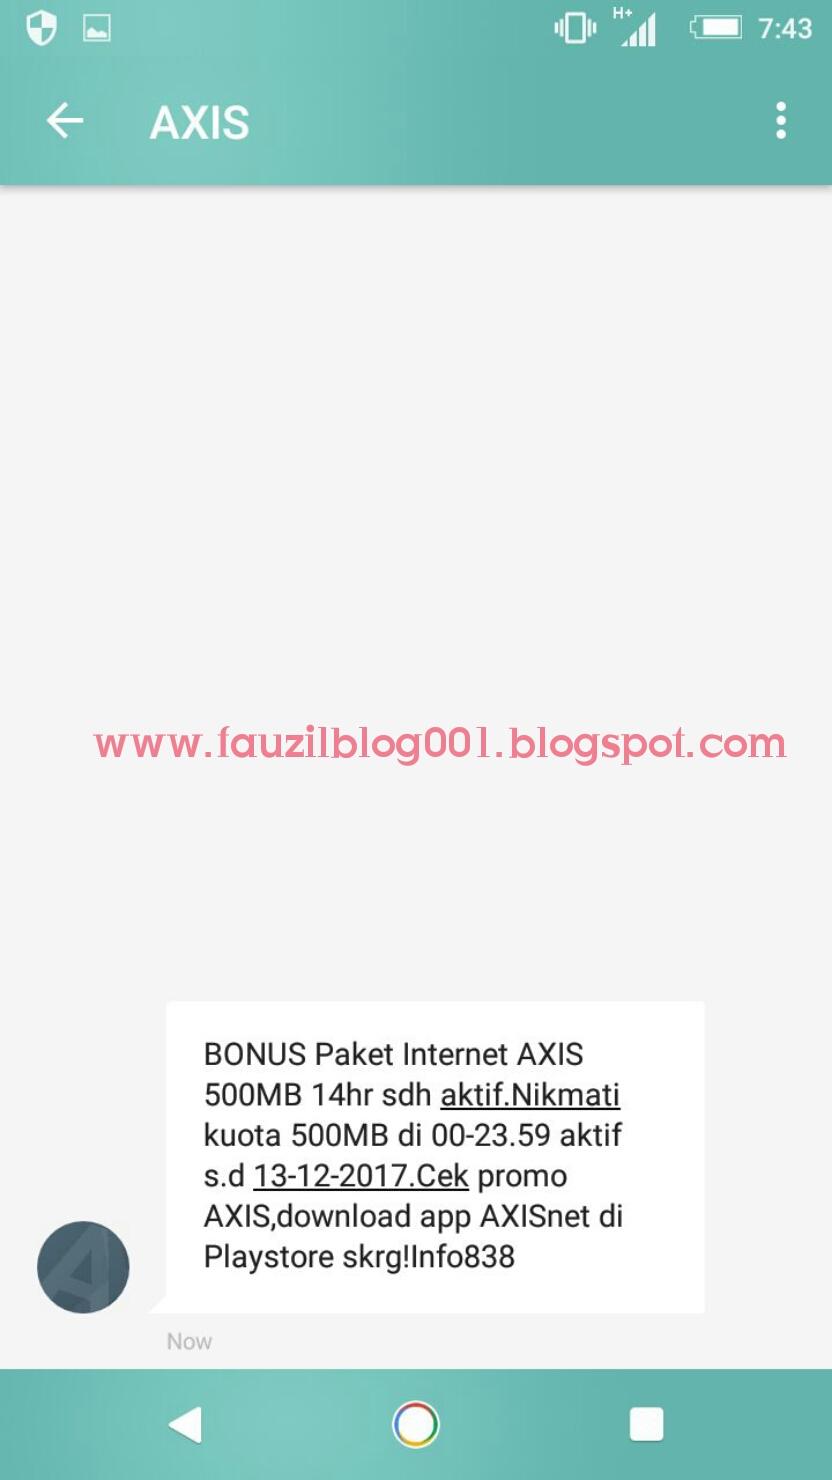 Cara Upgrade 4g Kartu Axis Fauzil Blog 001 Perdana 3g Ke Selamat Mencoba